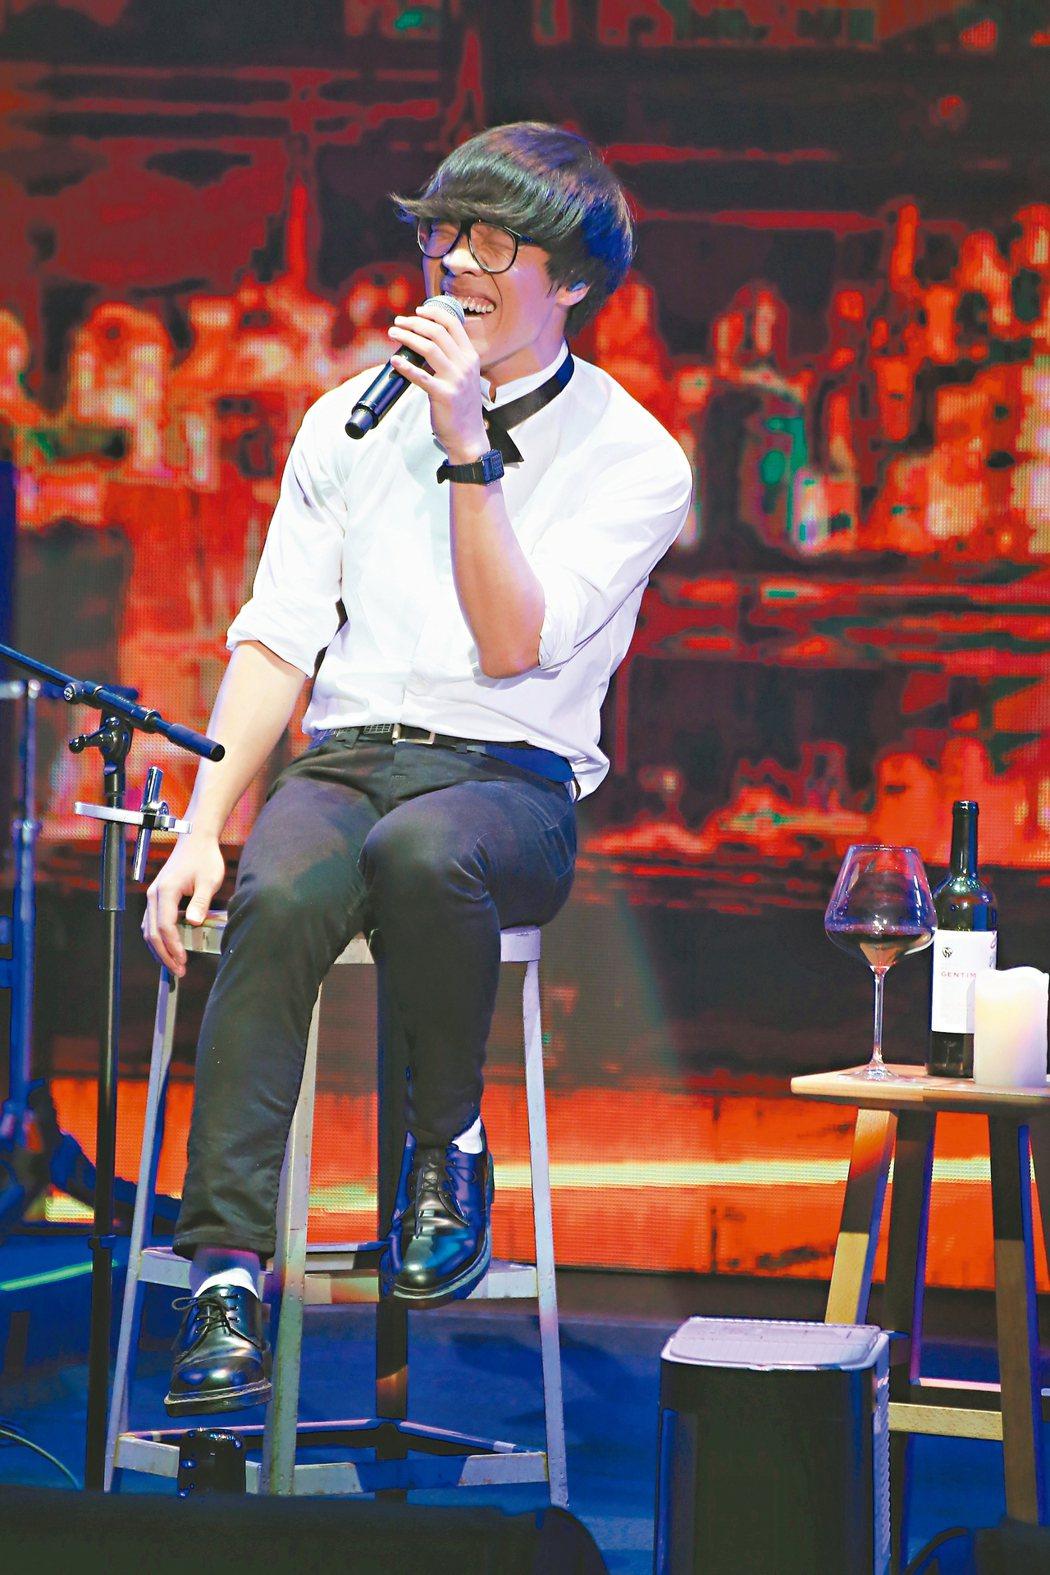 盧廣仲於台北國際會議中心舉辦個人演唱會。 記者陳立凱/攝影